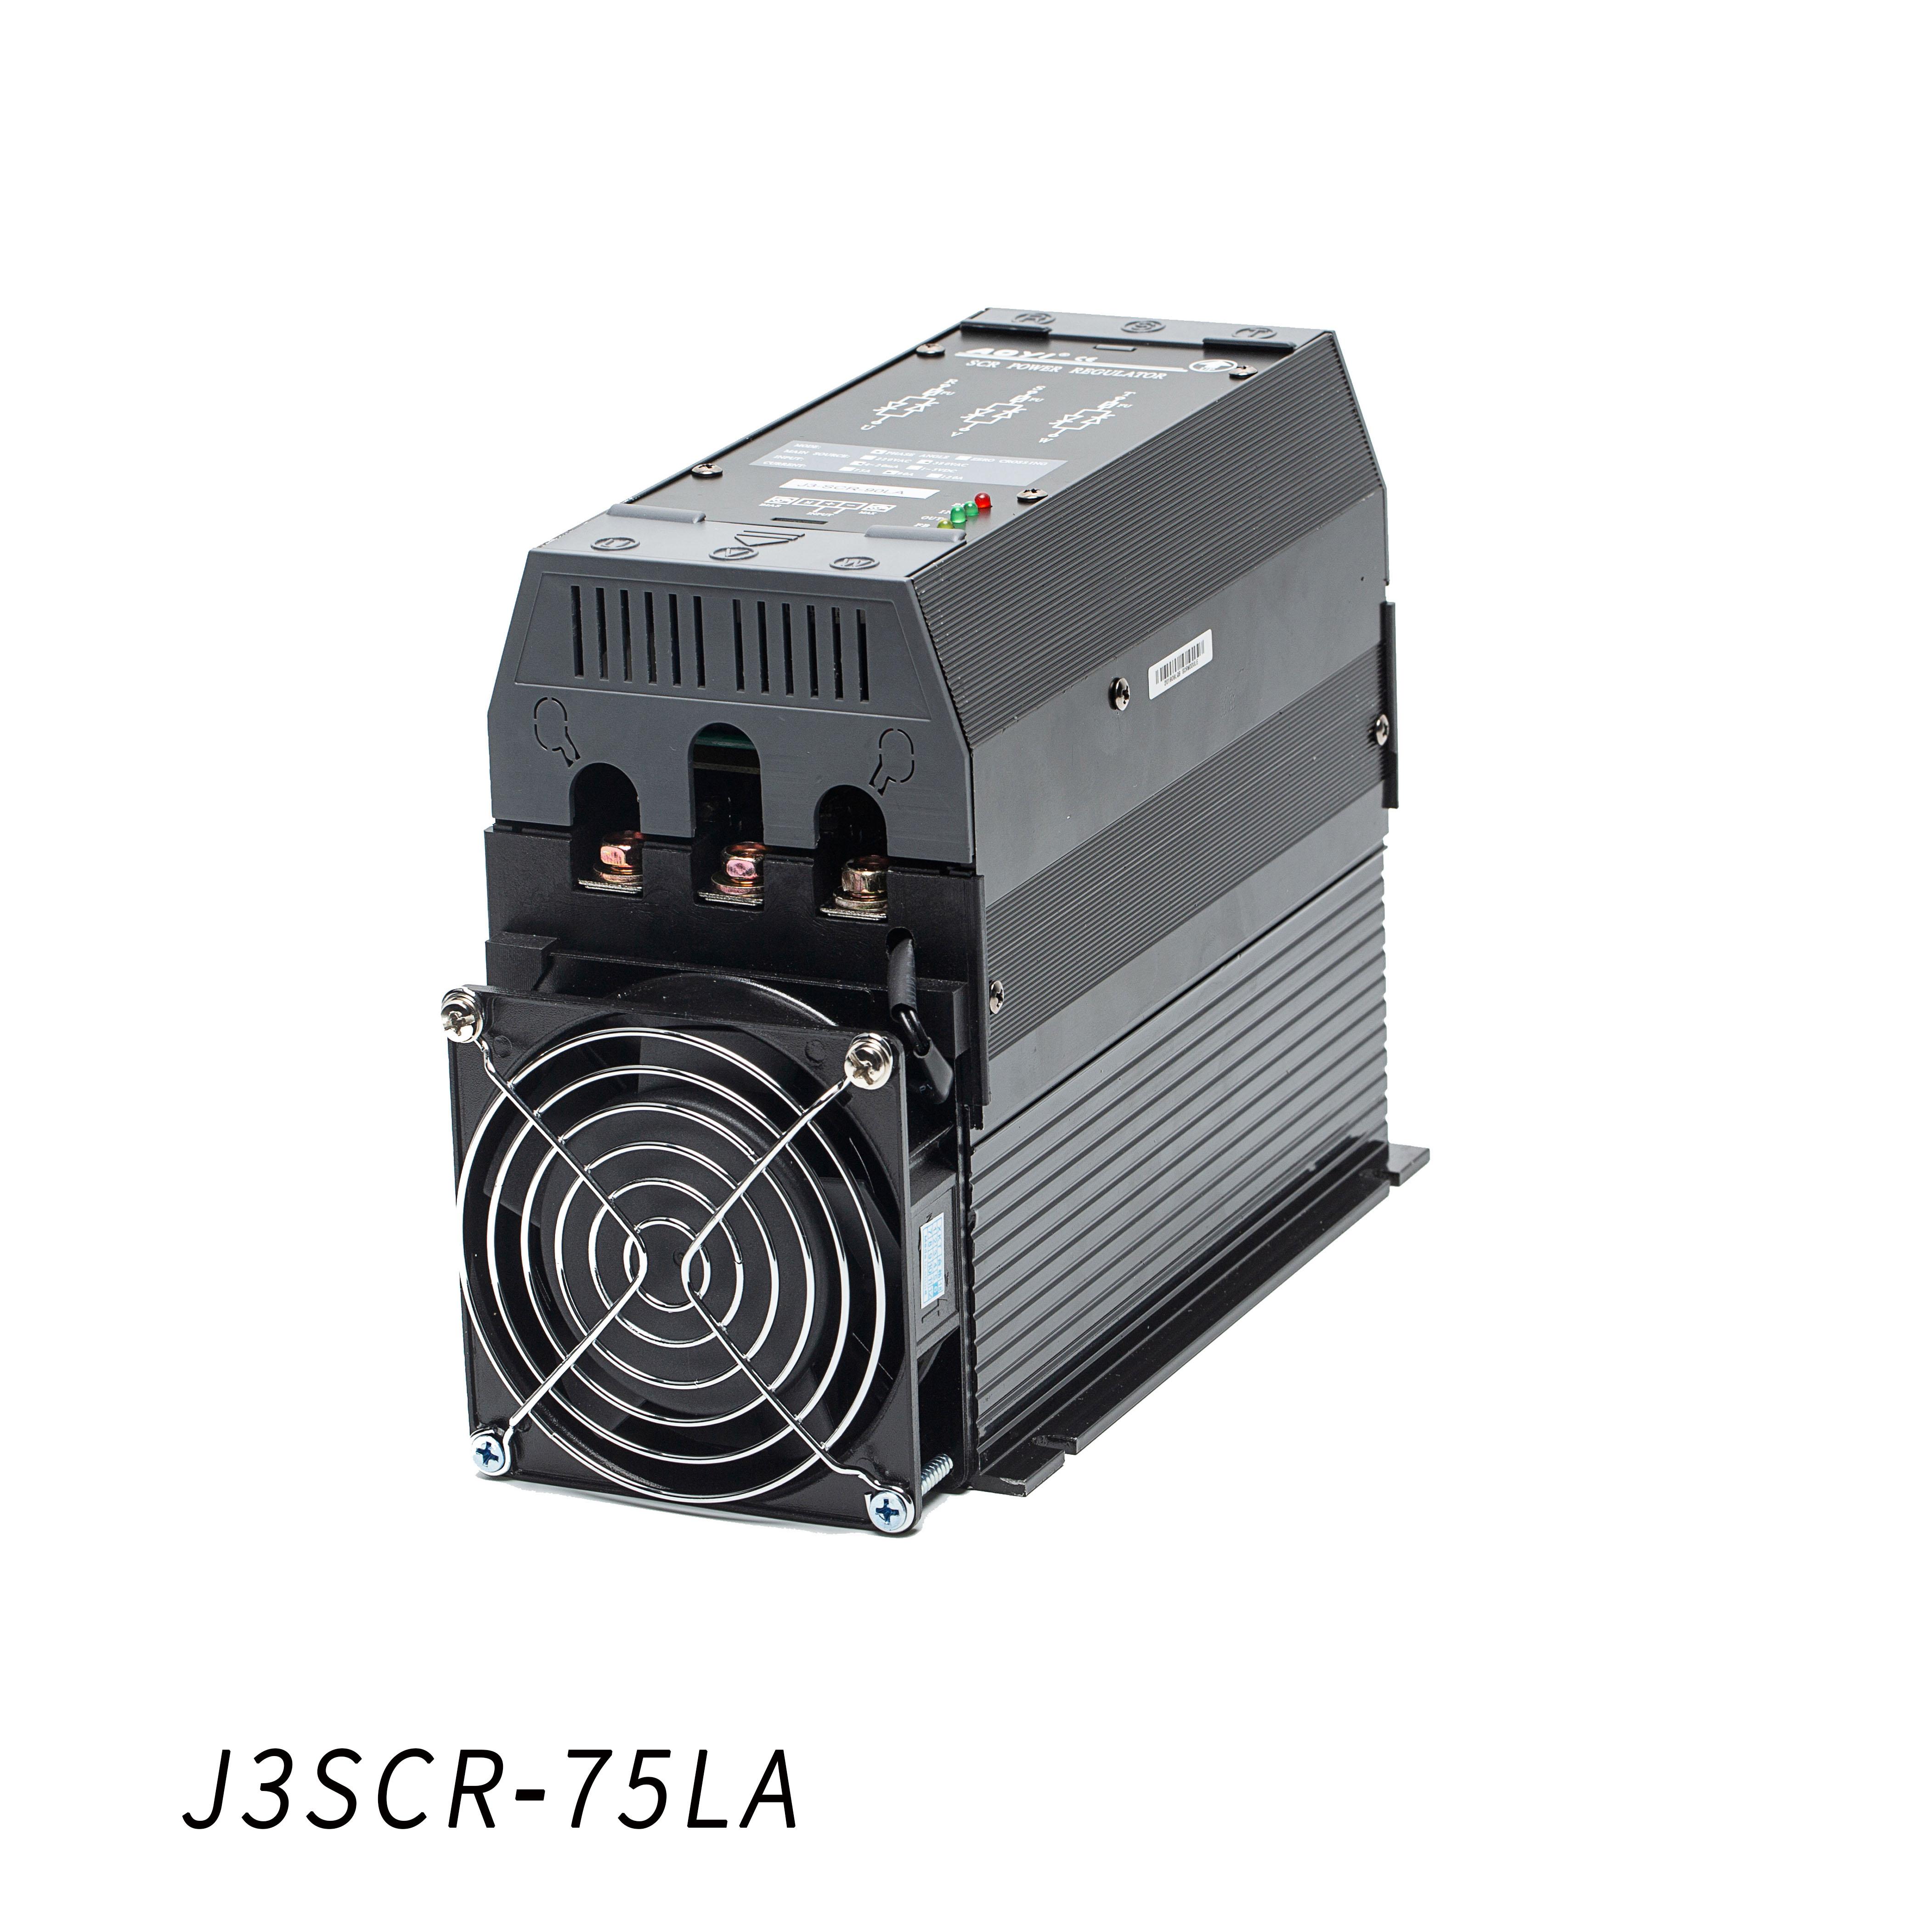 3 Phase 3 Wire Regulation Circuit Design Auto Voltage